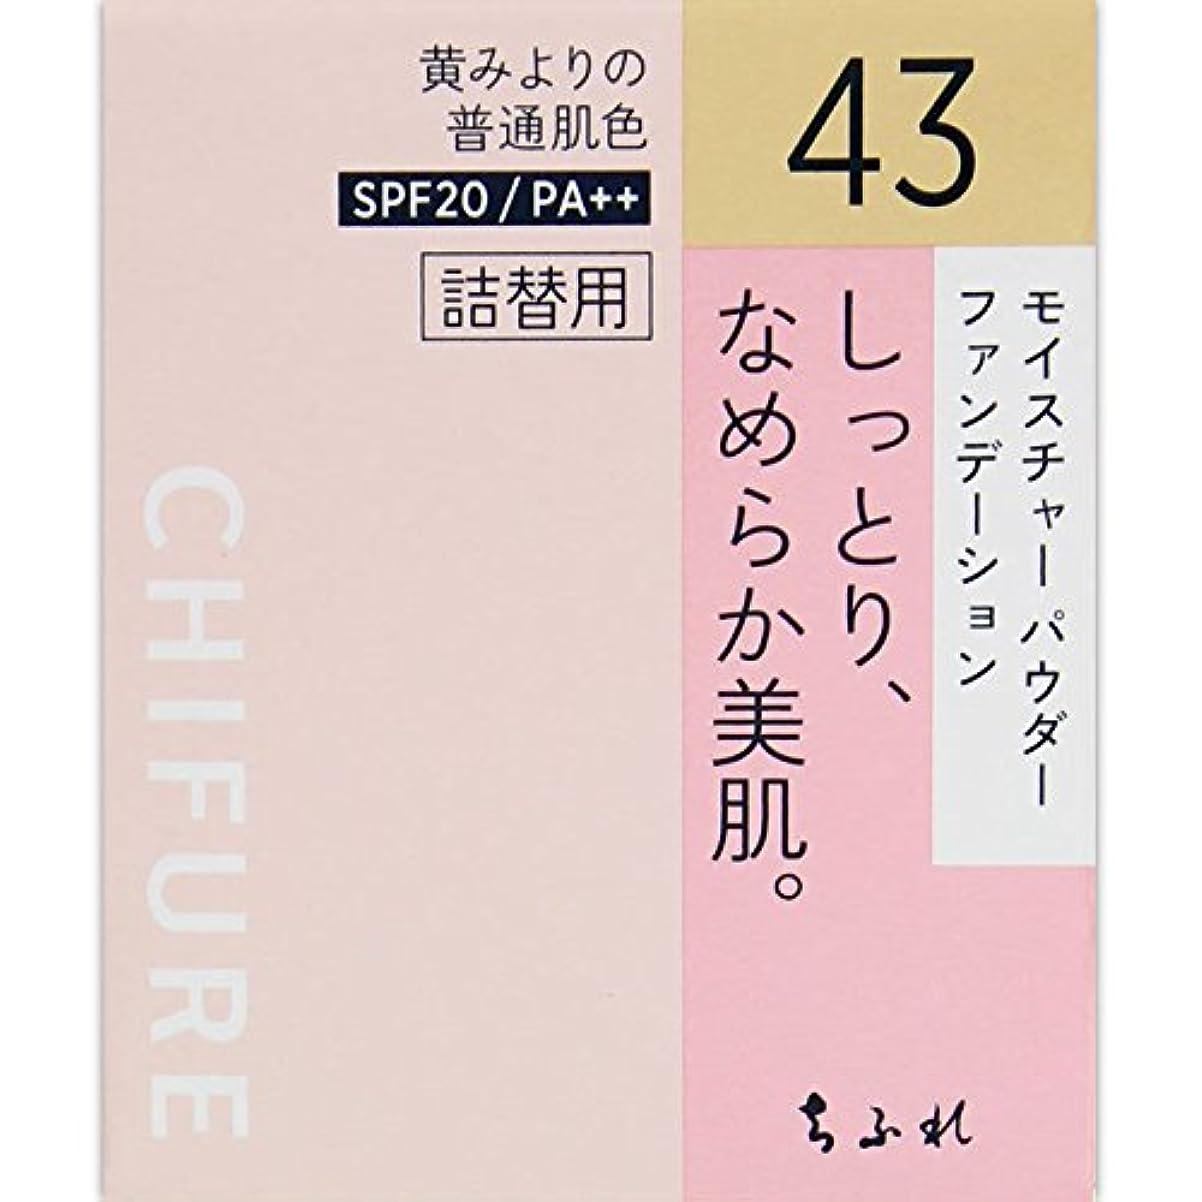 分数証明する出費ちふれ化粧品 モイスチャー パウダーファンデーション 詰替用 イエローオークル系 43